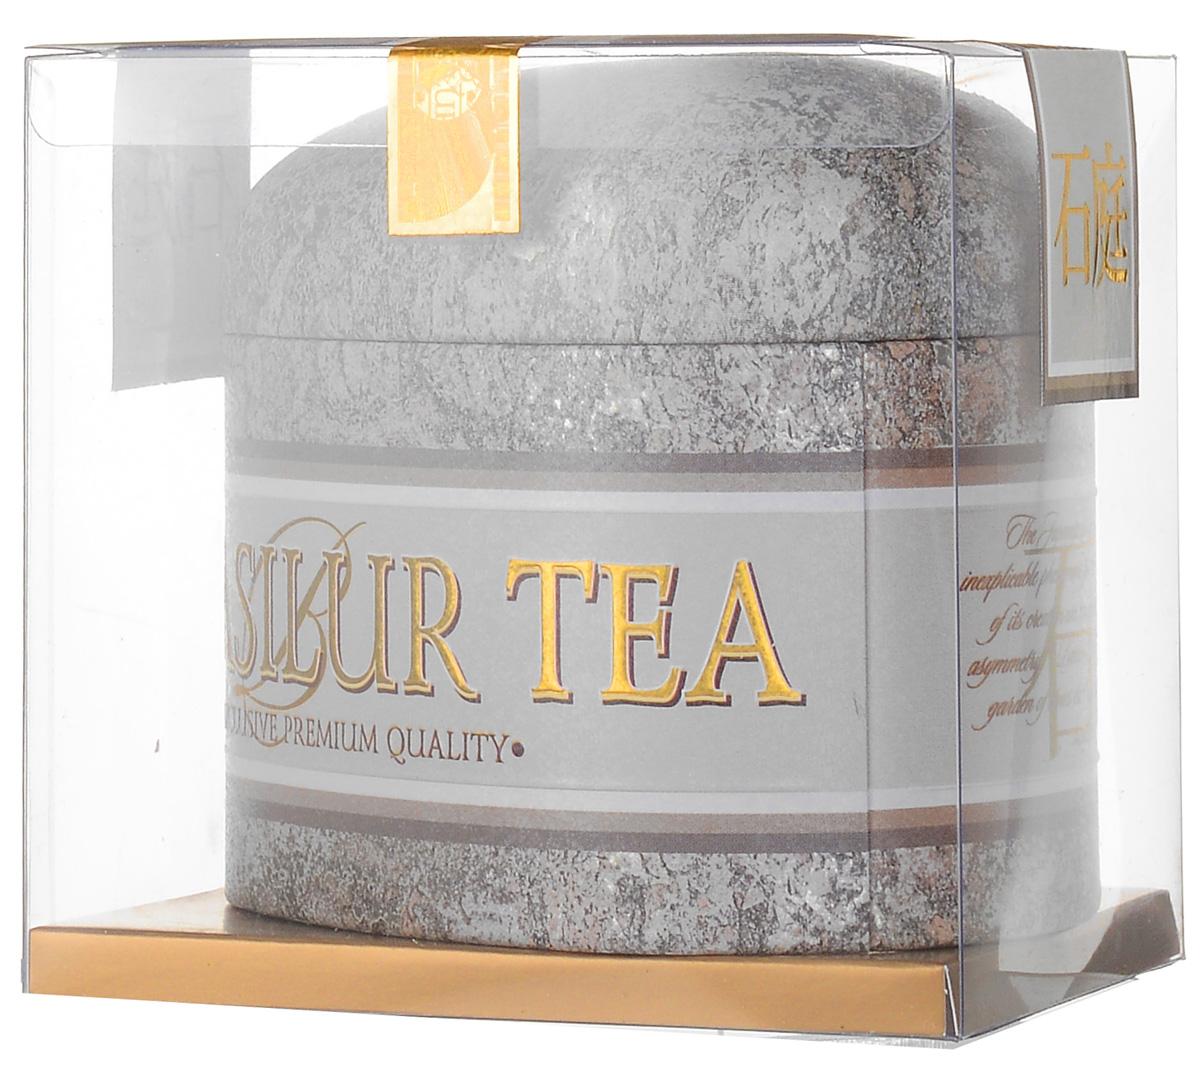 Basilur Milk Oolong Green tea зеленый листовой чай, 75 г (жестяная банка)70160-00Чай Basilur Milk Oolong Green tea - это уникальный зелёный чай сорта улун (Oolong) с нежным ароматом молока, который составляет основу старинной традиционной рецептуры приготовления напитка восхитительного вкуса и аромата. Необычная банка из коллекции Сад камней станет украшением любого чаепития и приятным подарком для близких и друзей!